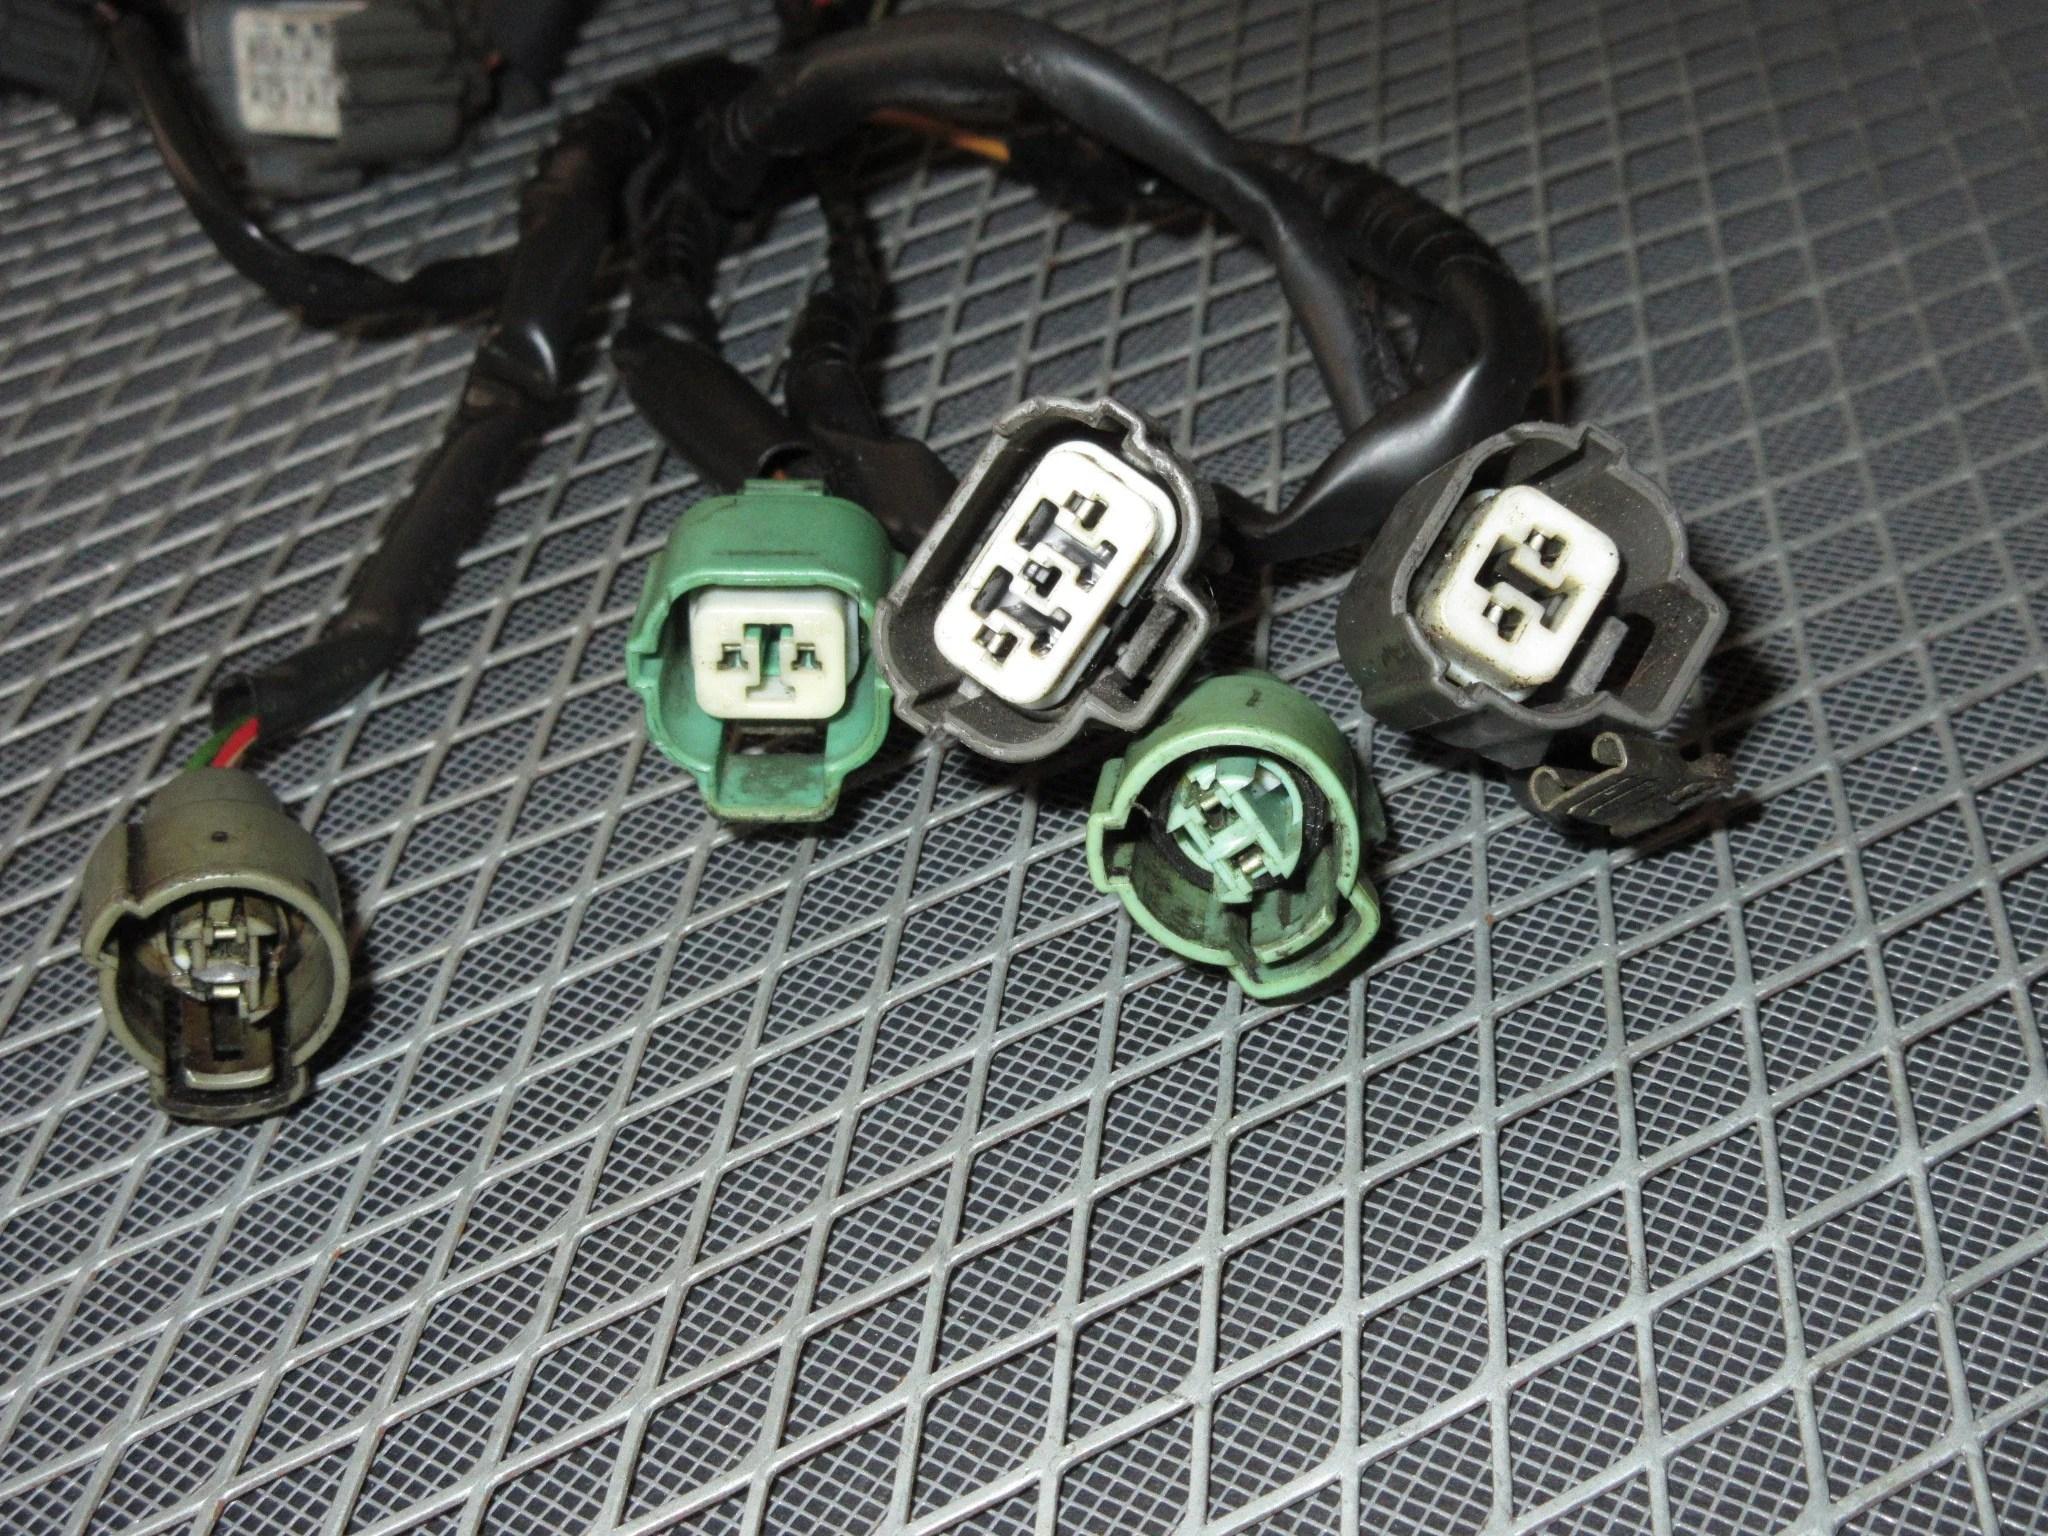 medium resolution of 96 honda accord vtec wiring harness wiring diagram db 96 honda accord vtec wiring harness